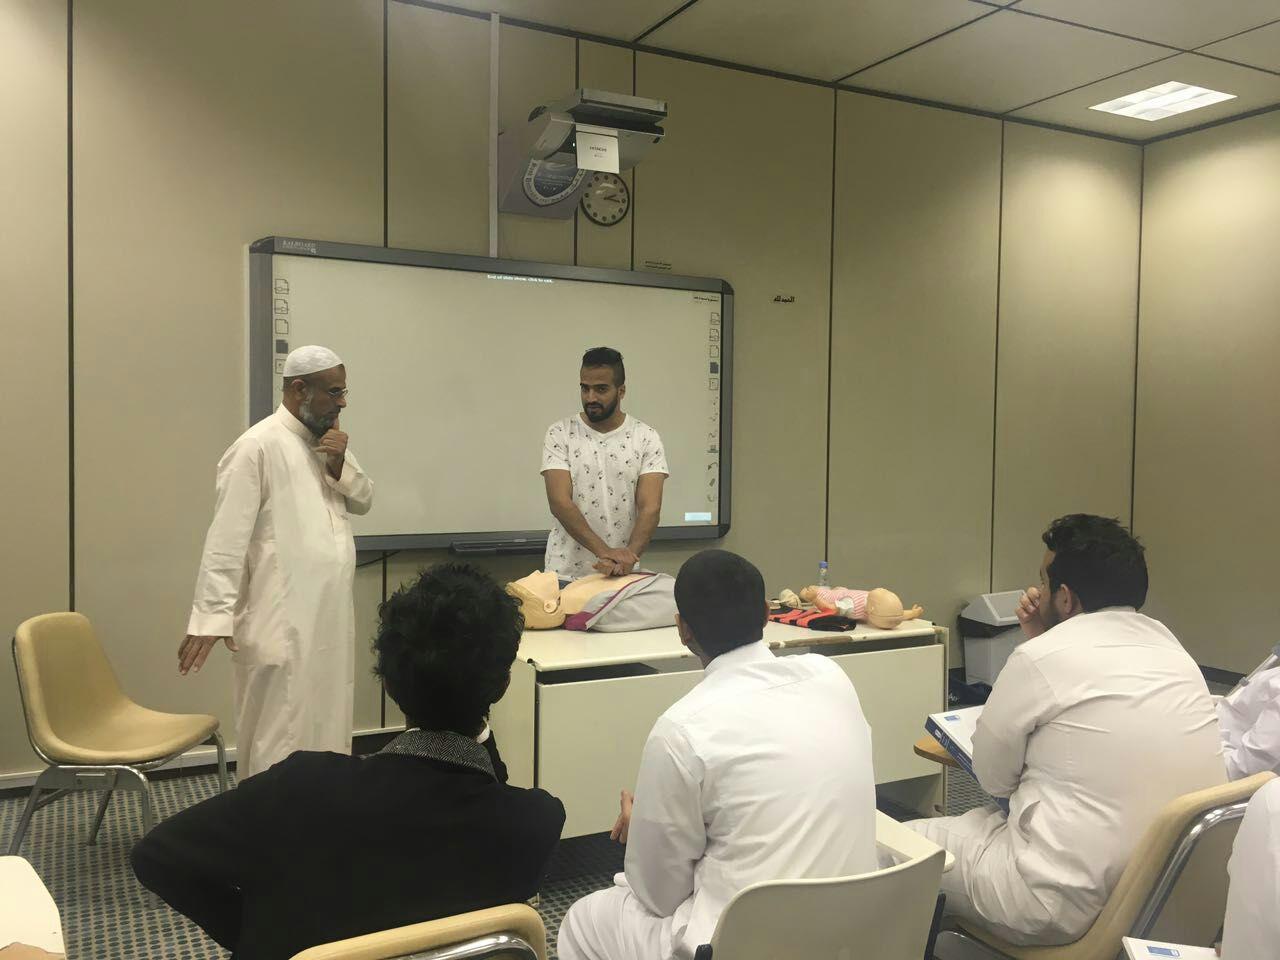 """ضمن سلسلة الدورات التطويرية وحدة التدريب ووحدة الارشاد الطلابي بالكلية تقيمان دورة بعنوان """"الاسعافات الأولية"""""""